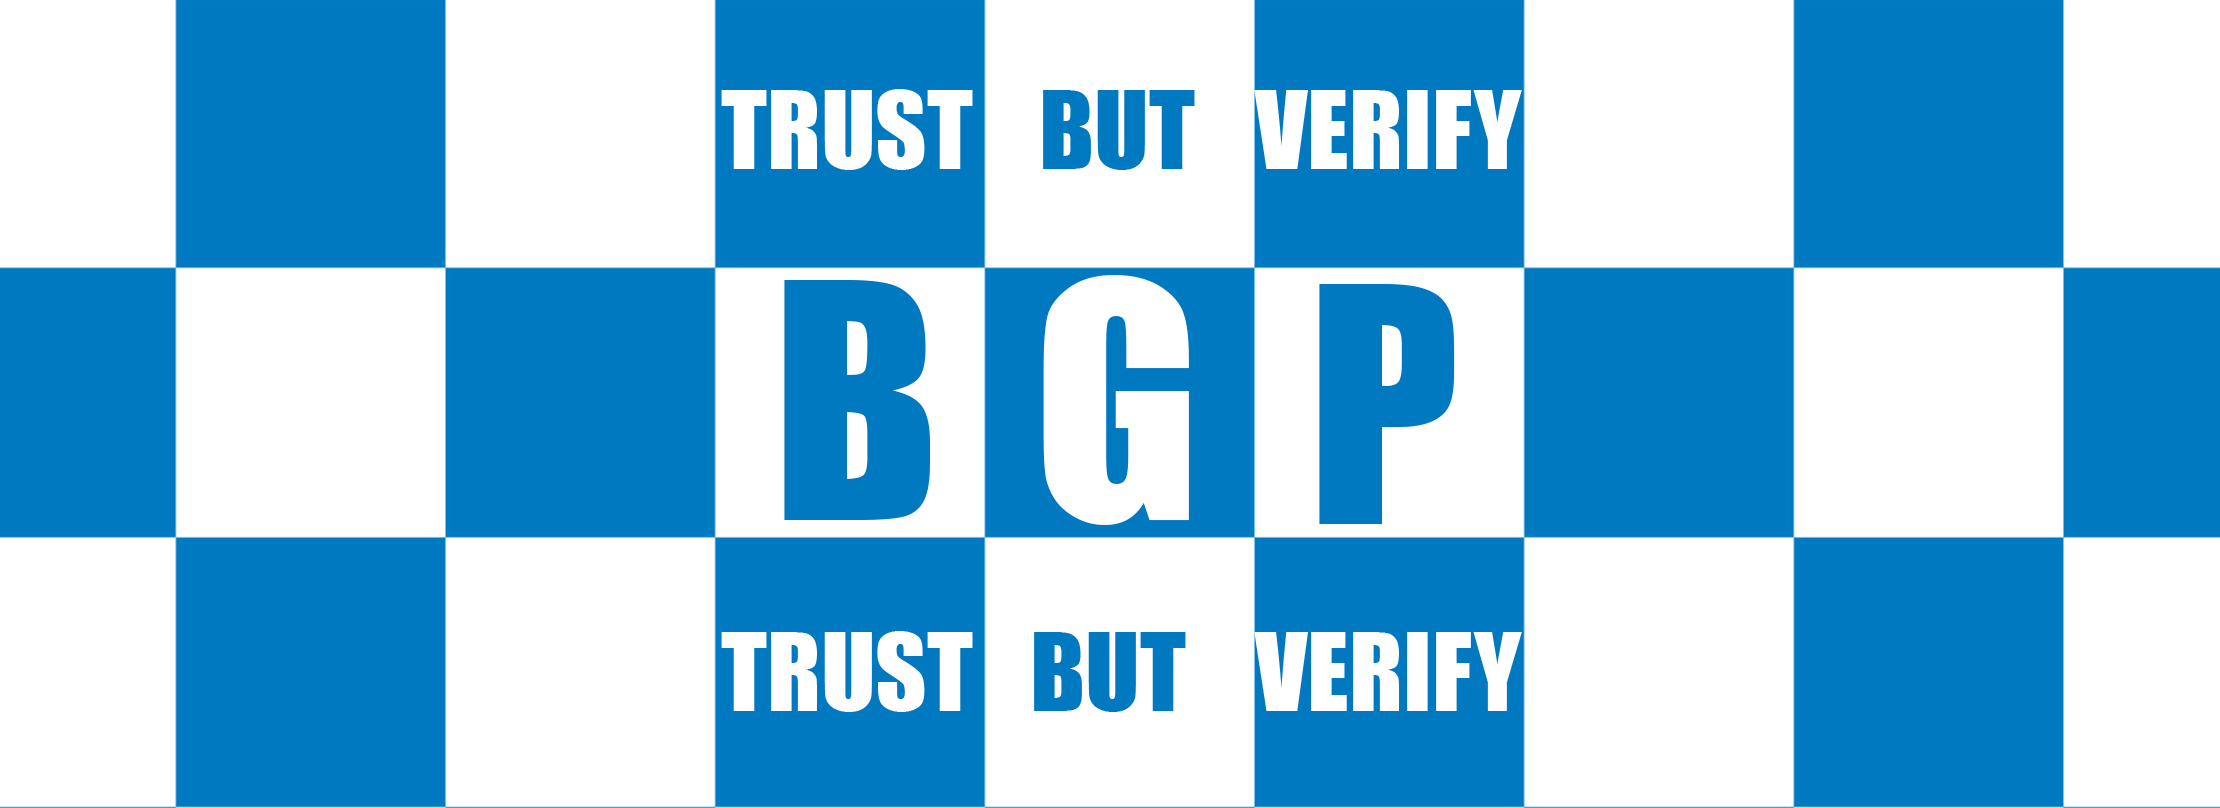 Basic routing concepts, part 3: Trust but verify BGP